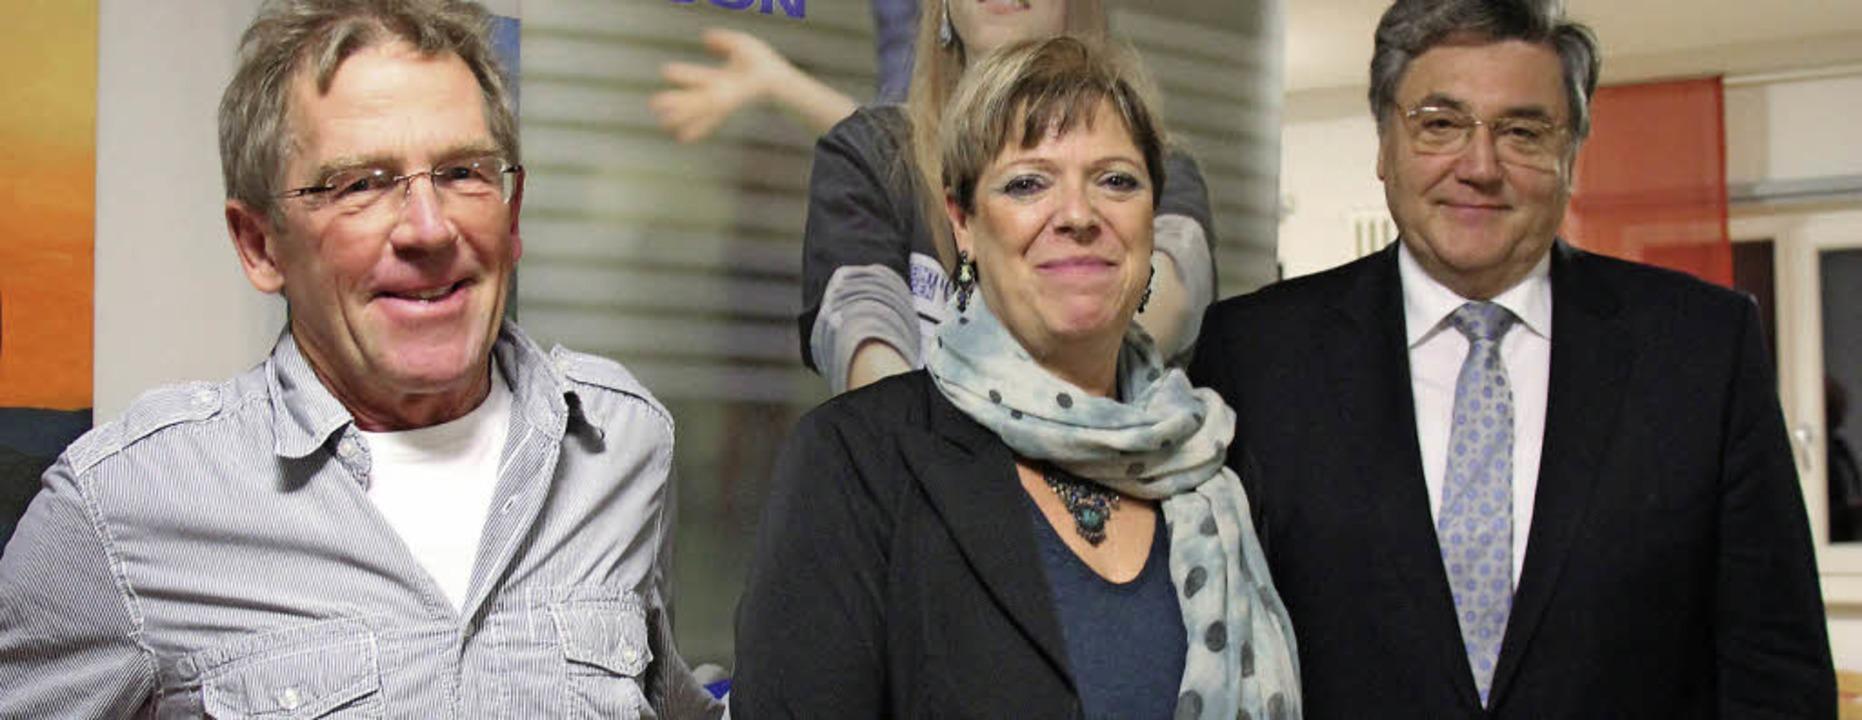 Sabine Wölfle, Erwin Grom und Martin S...rächtigungen in Sportvereinen freuen.   | Foto: Stefanie Sigmund